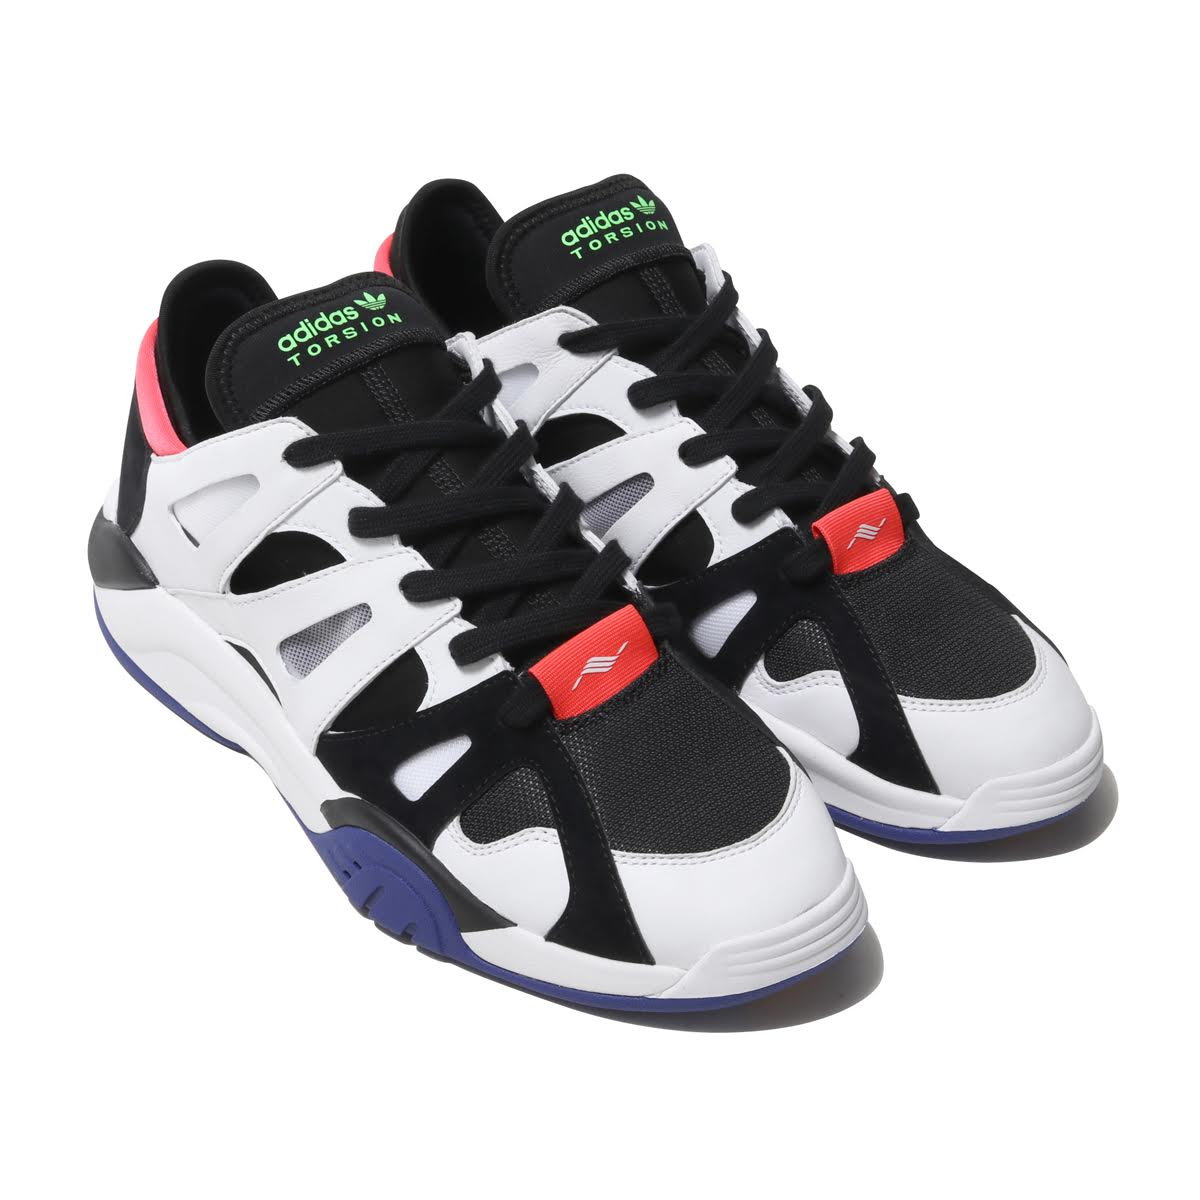 adidas Originals DIMENSION LO(アディダスオリジナルス ディメンション ロー)CORE BLACK/RUNNING WHITE/ACTIVE BLUE【メンズ レディース スニーカー】19SS-I